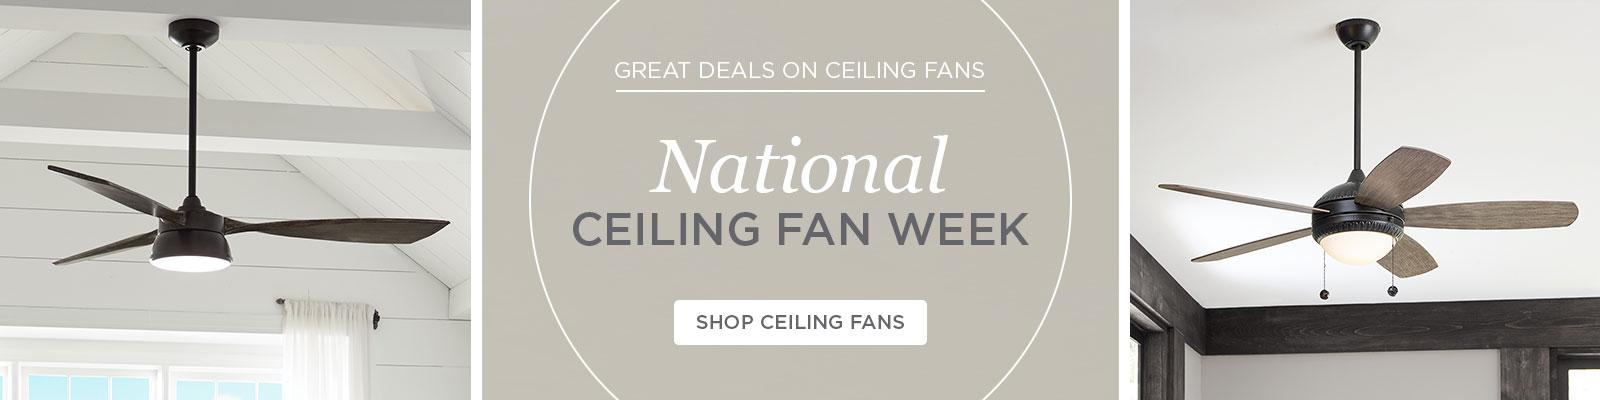 Ceiling Fans Week